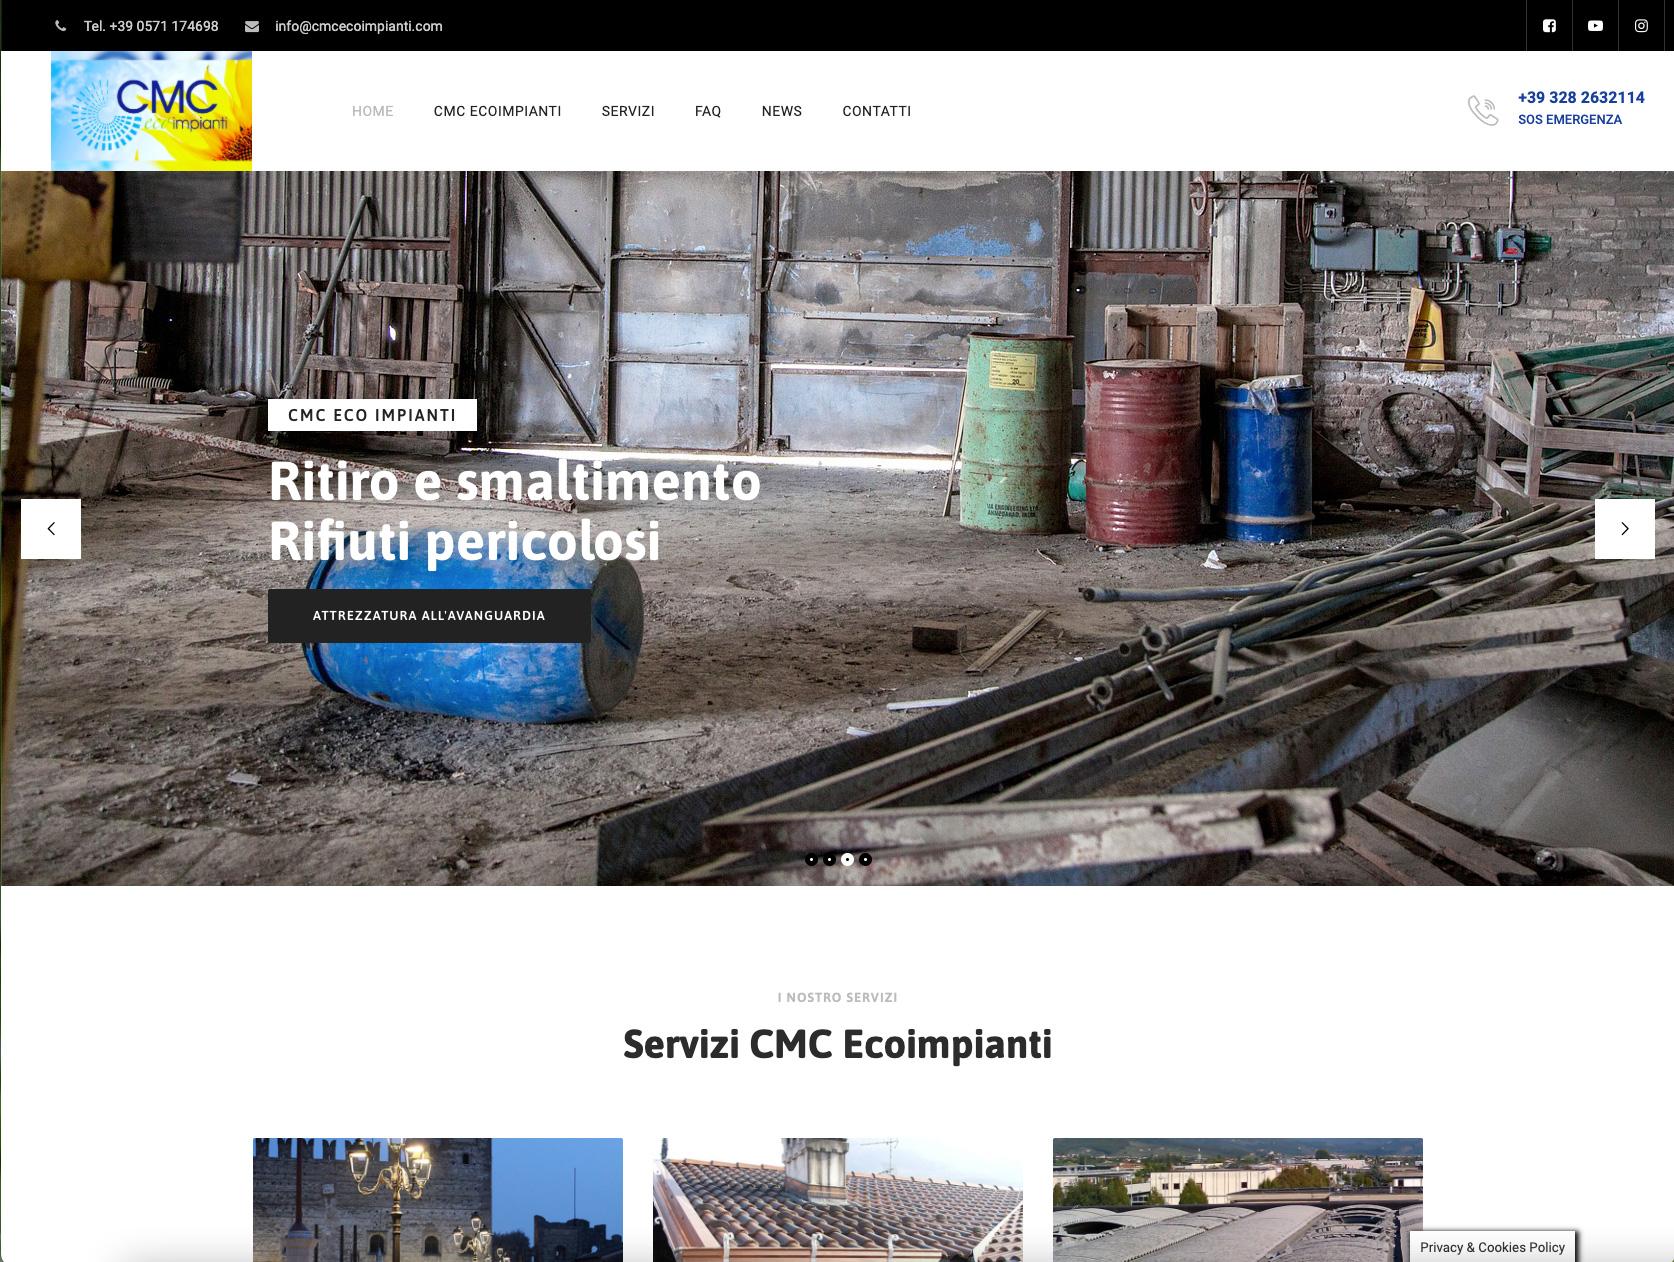 realizzazione Sito web Wordpress cmc eco impianti